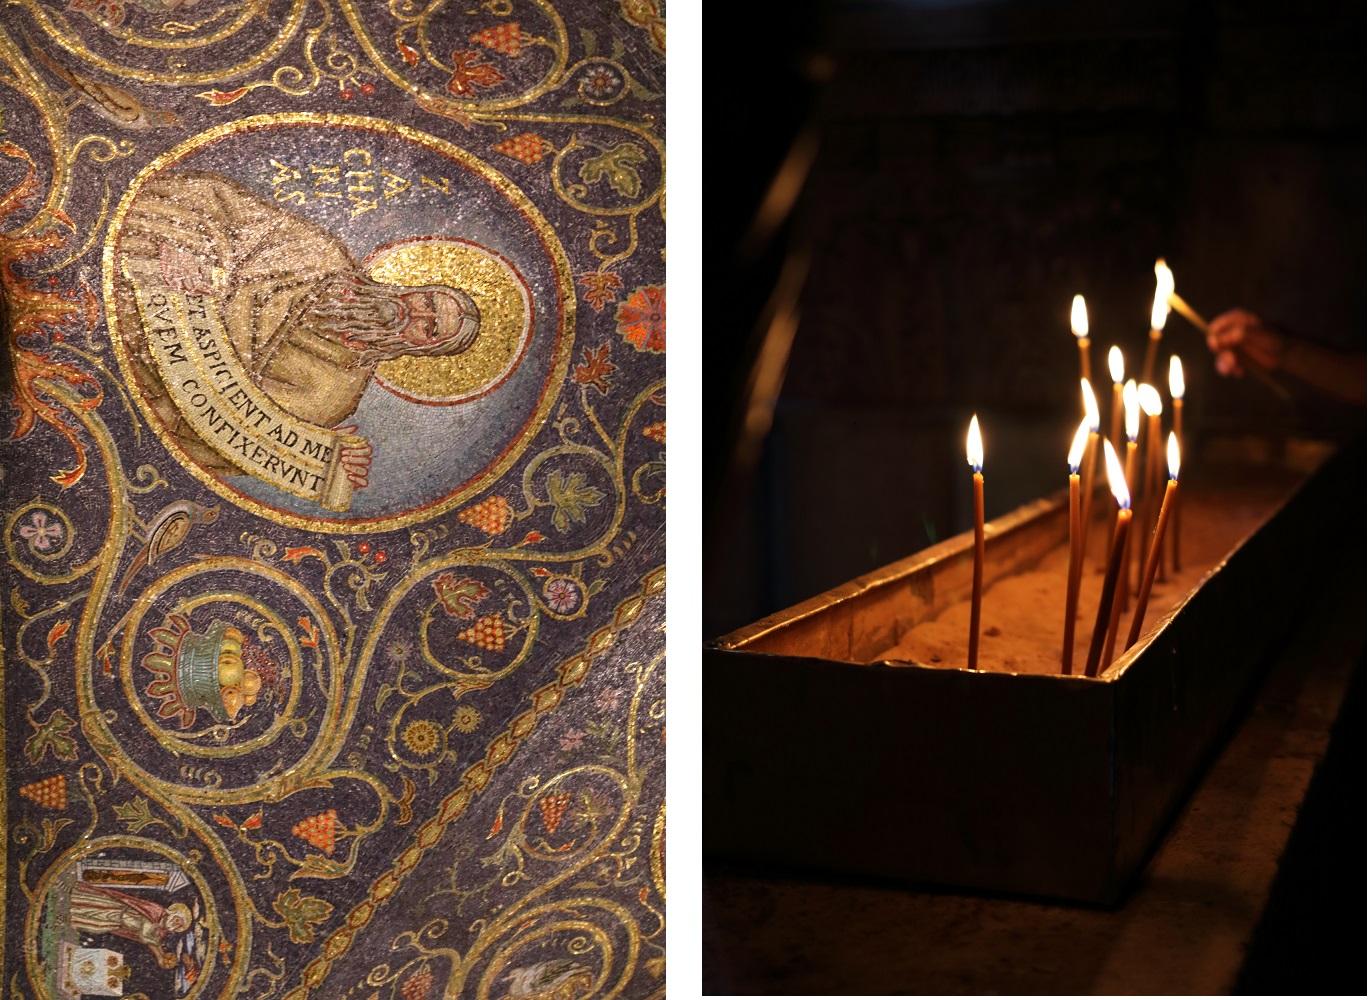 Jerusalem, Pyhän Haudan kirkko, kattomosaiikki, kynttilät